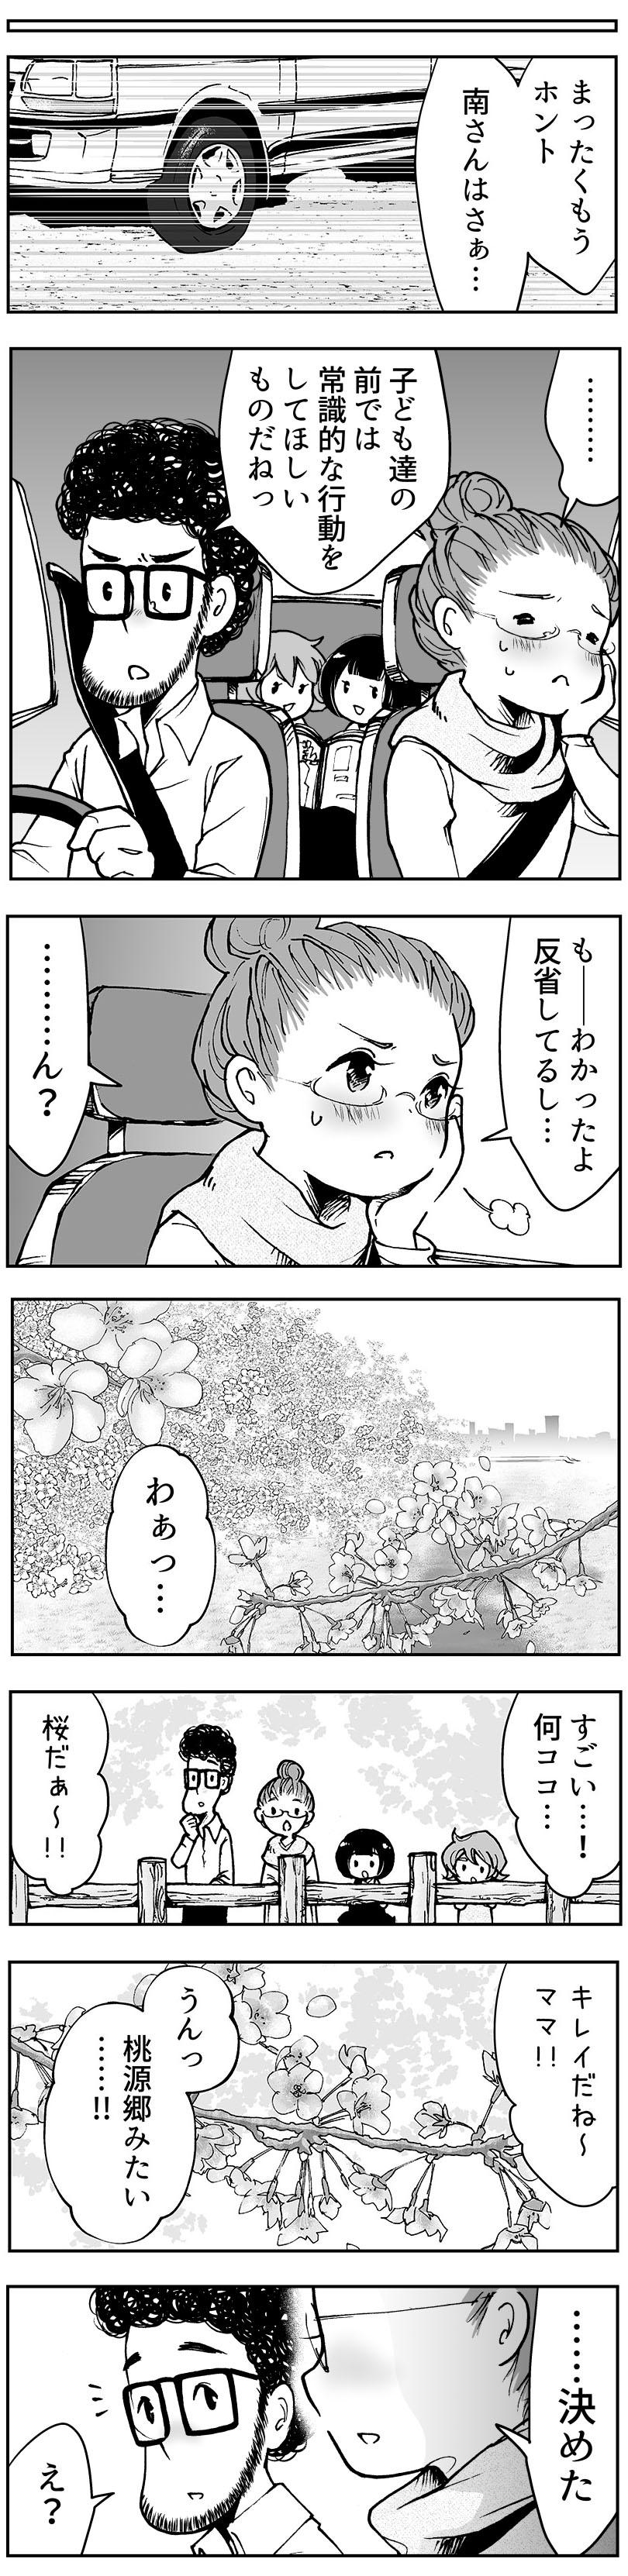 42-3.jpg